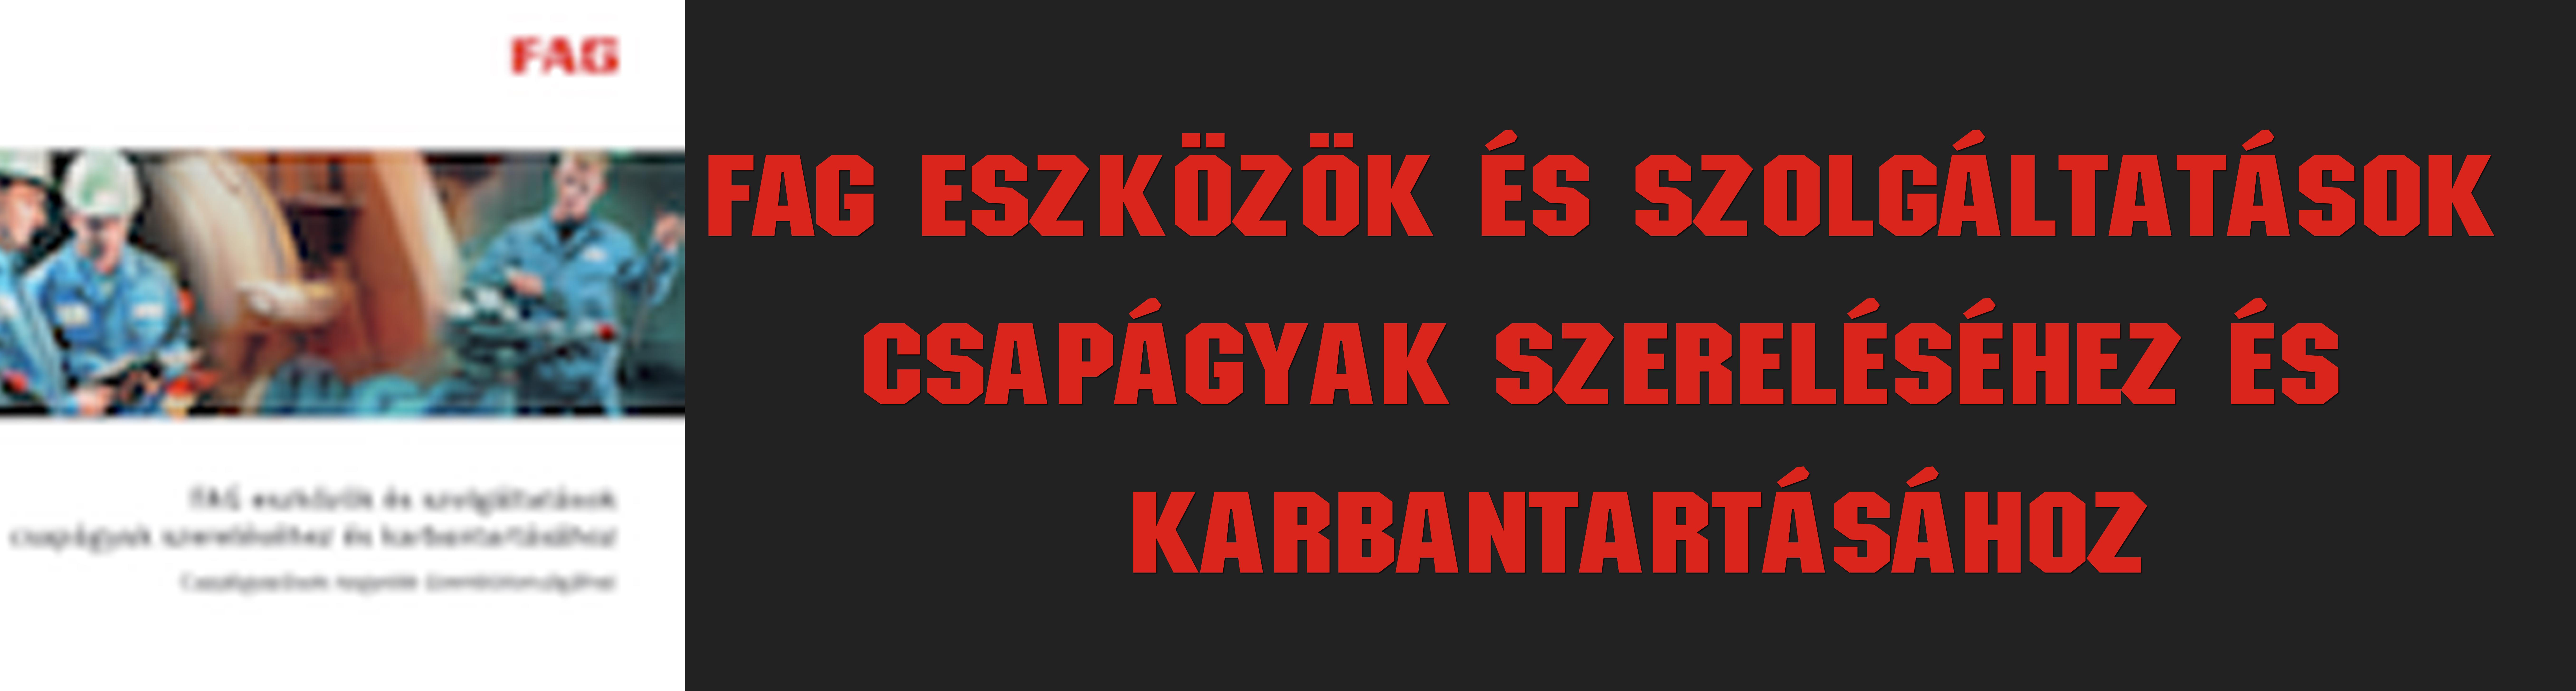 fag_eszkozok_és_szolg